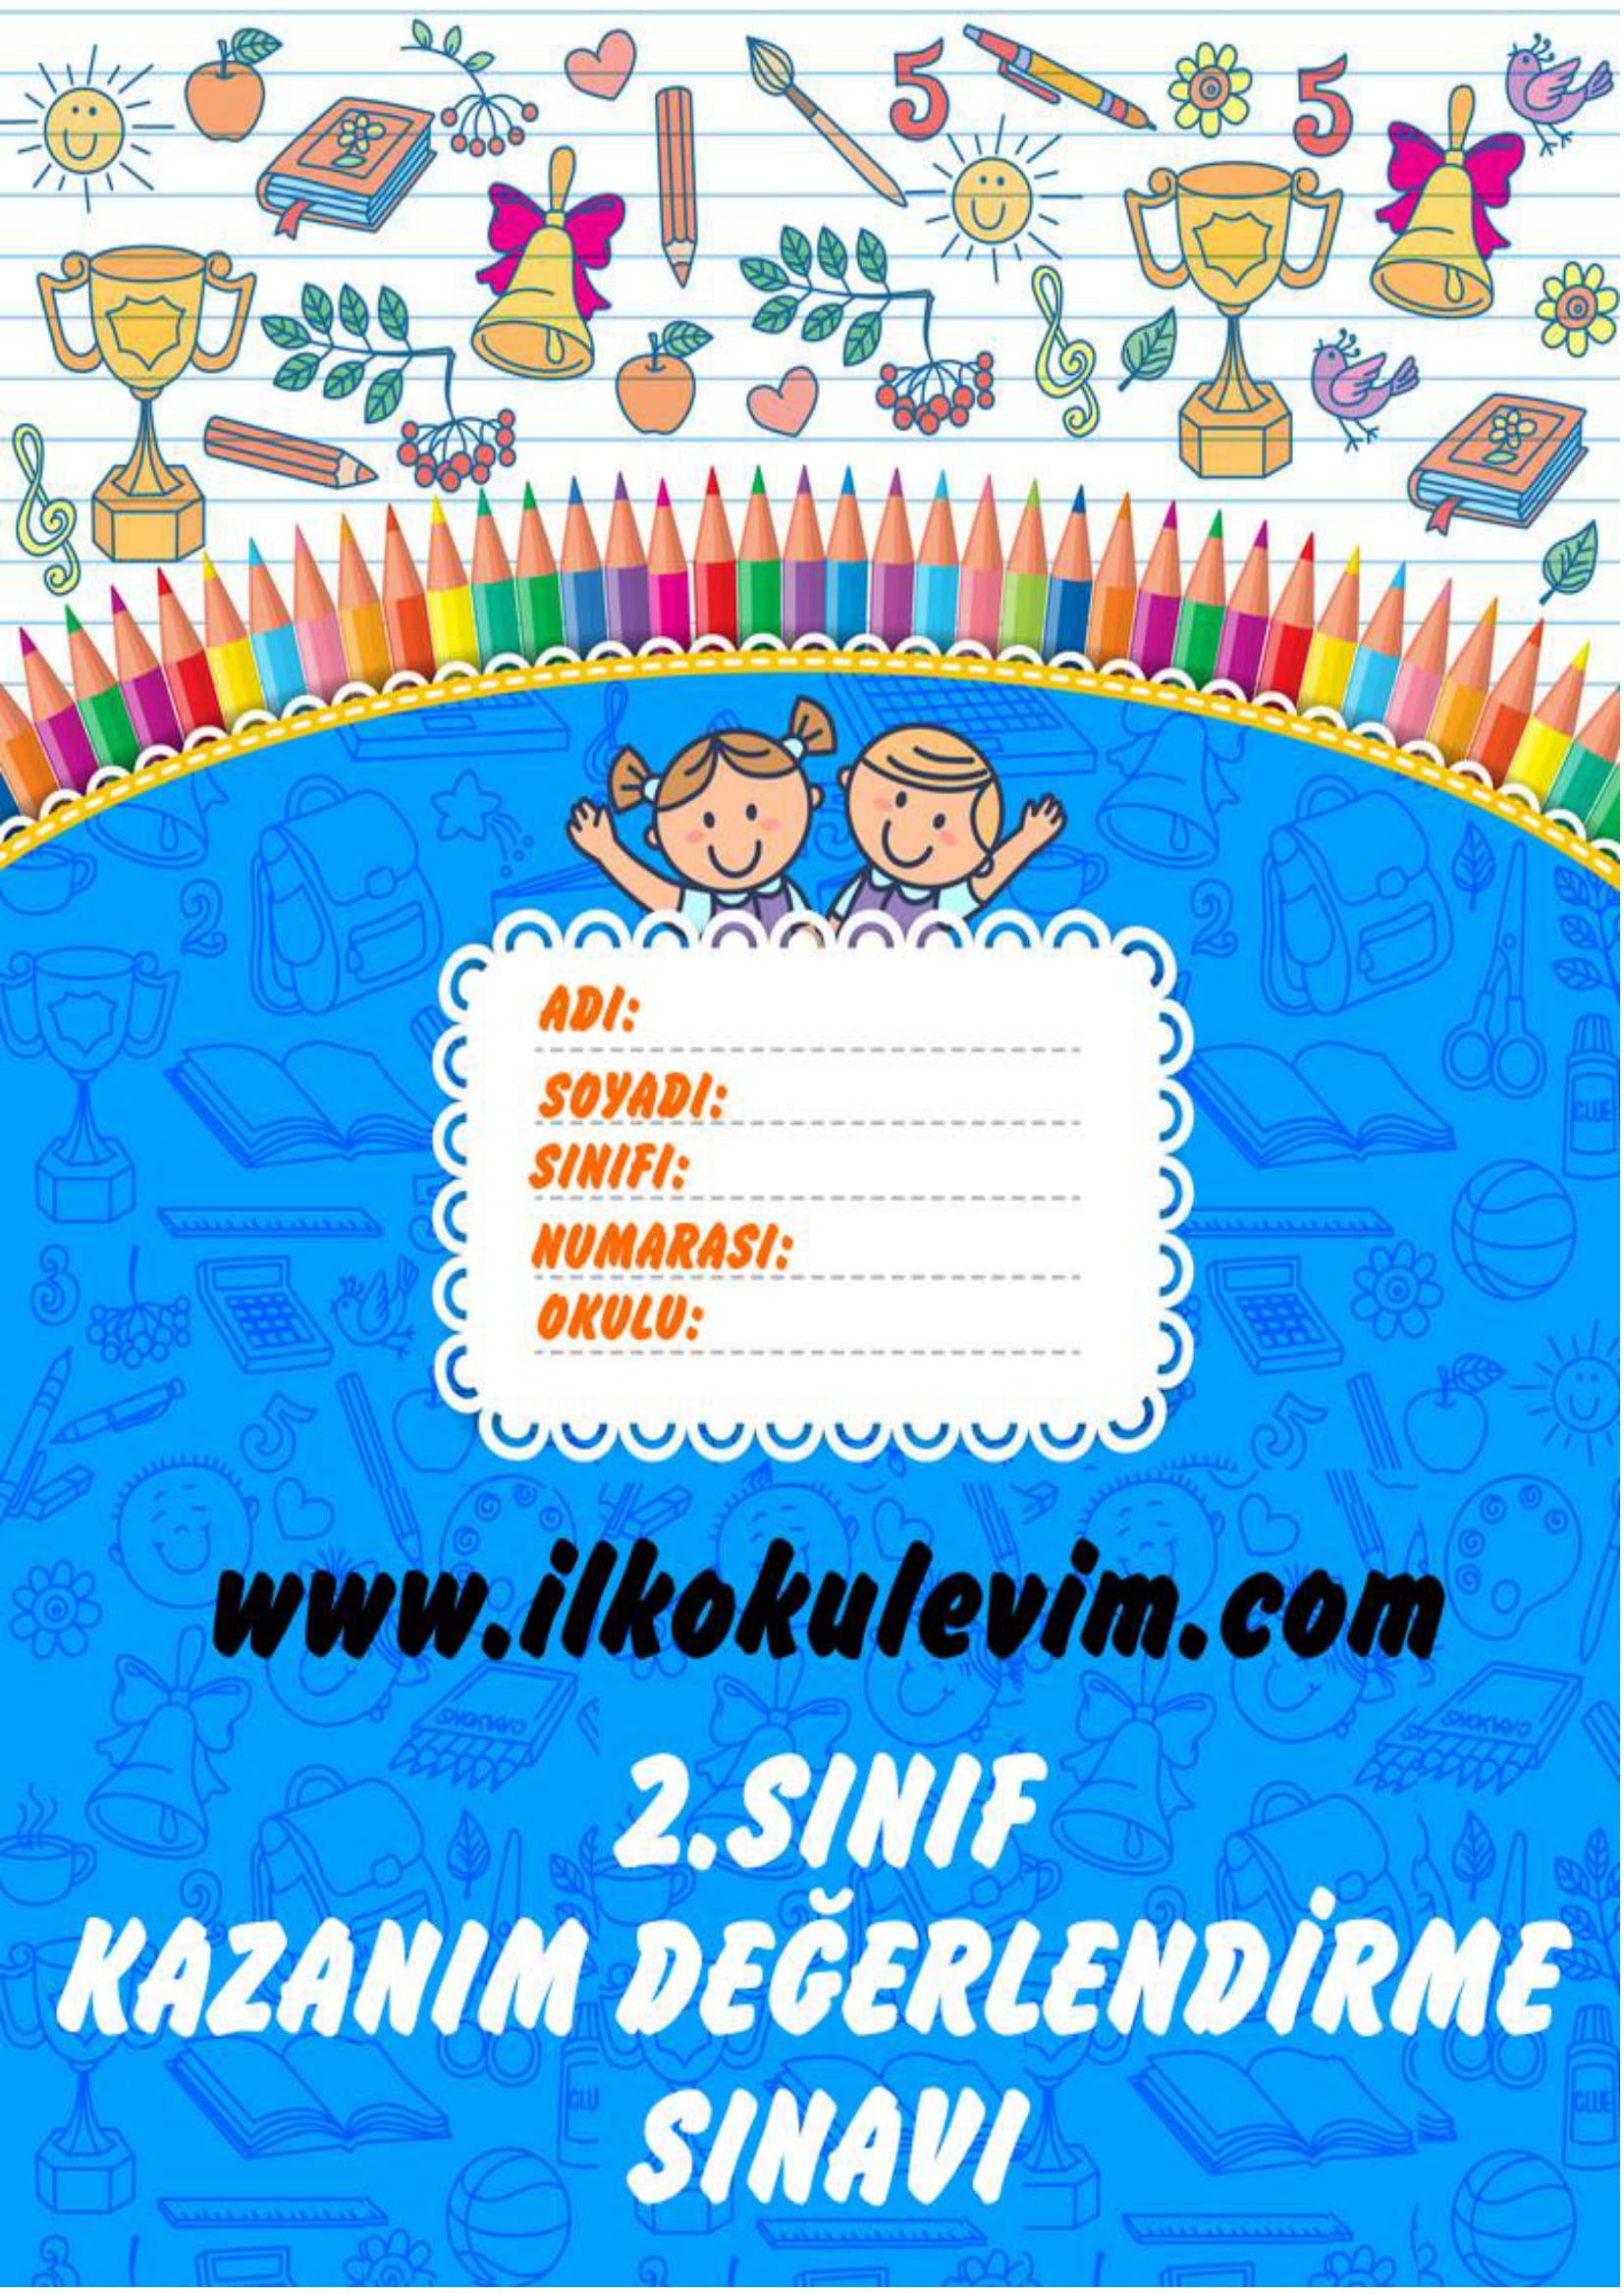 2.Sınıf Kazanım Değerlendirme Sınavı ve Cevap Anahtarı(24.04.2020)